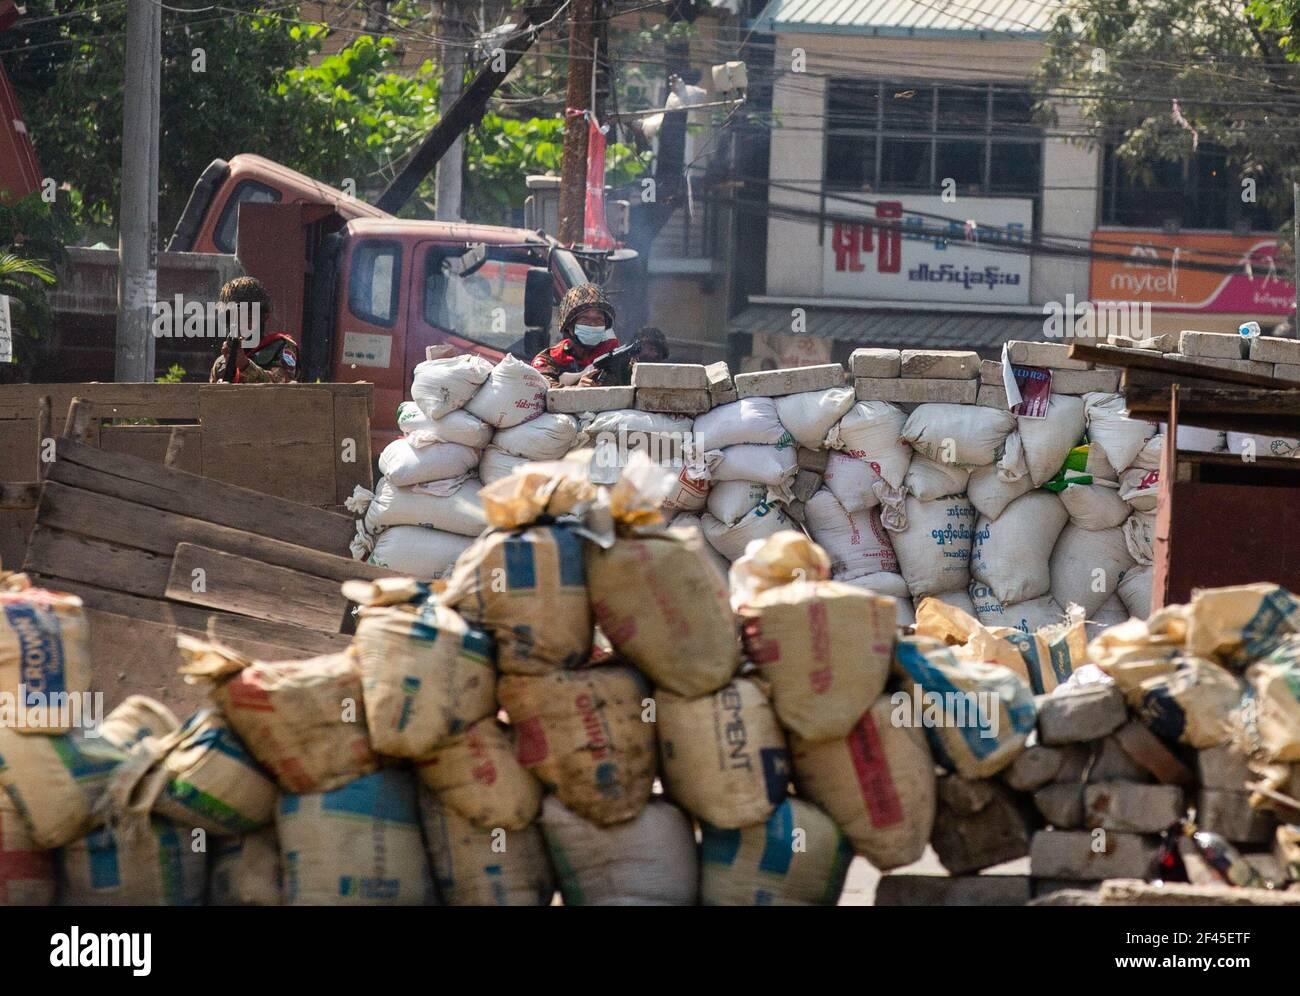 Myanmarische Soldaten (Tatmadow) lächeln, während sie Gewehre auf Anti-Militärputsch-Demonstranten während einer Demonstration gegen den Militärputsch zielen. Polizei und Militärsoldaten aus Myanmar (Tatmadow) griffen Demonstranten am Freitag mit Gummigeschossen, lebender Munition, Tränengas und Betäubungsbomben als Reaktion auf Anti-Militärputsch-Demonstranten an, töteten mehrere Demonstranten und verletzten viele andere. Mindestens 149 Menschen sind seit dem Putsch vom 1. Februar in Myanmar getötet worden, sagte ein Menschenrechtsbeamter der Vereinten Nationen. Das Militär von Myanmar nahm am 01. Februar 2021 die staatliche Beraterin von Myanmar, Aung San Suu Kyi, fest Stockfoto